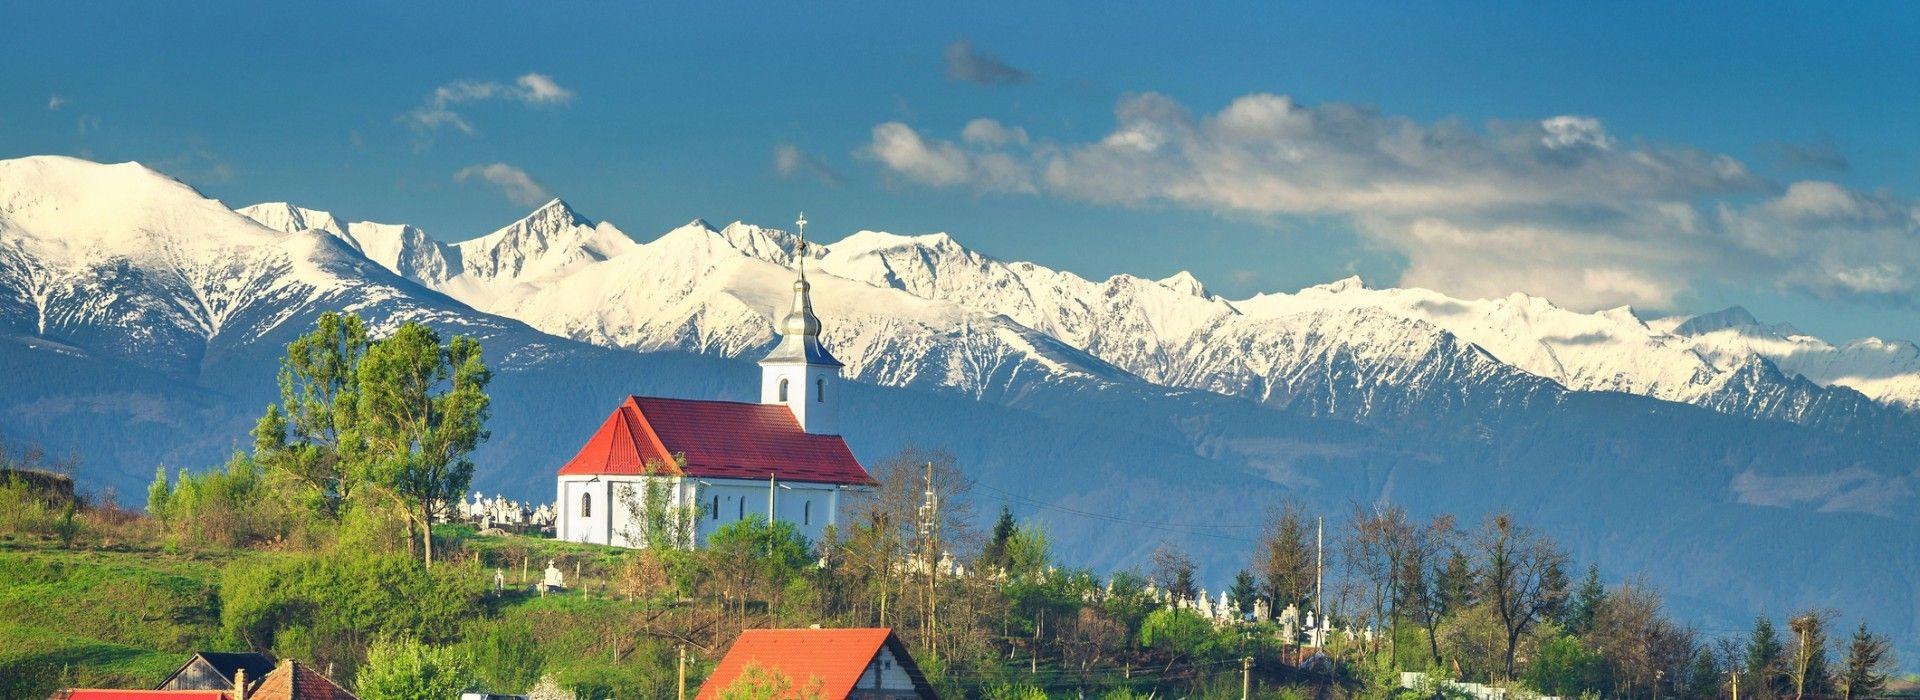 Romania Tours and Trips to Romania